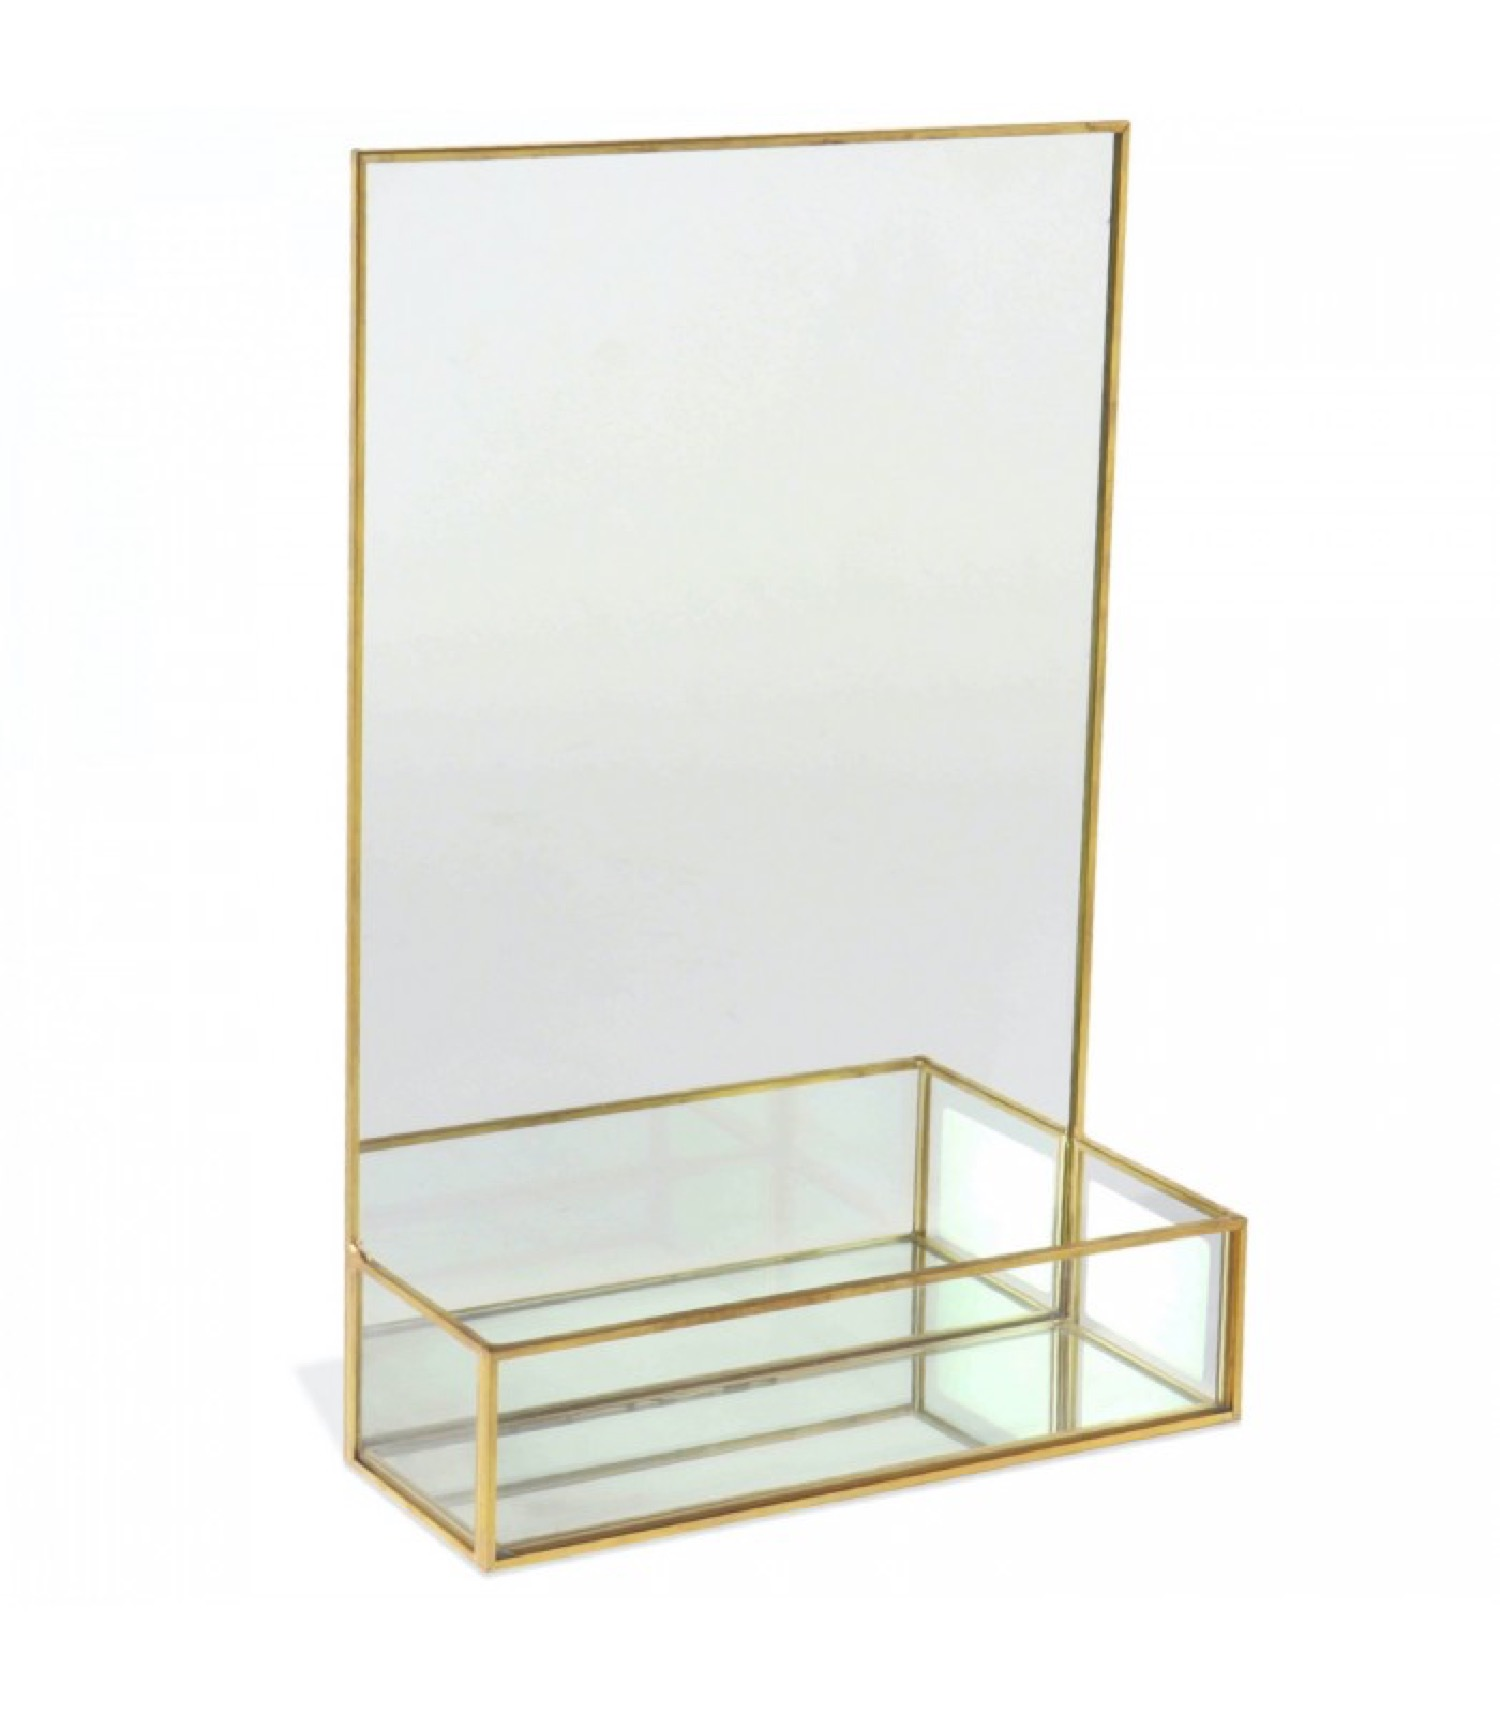 Miroir à poser métal doré avec étagère 20x30cm